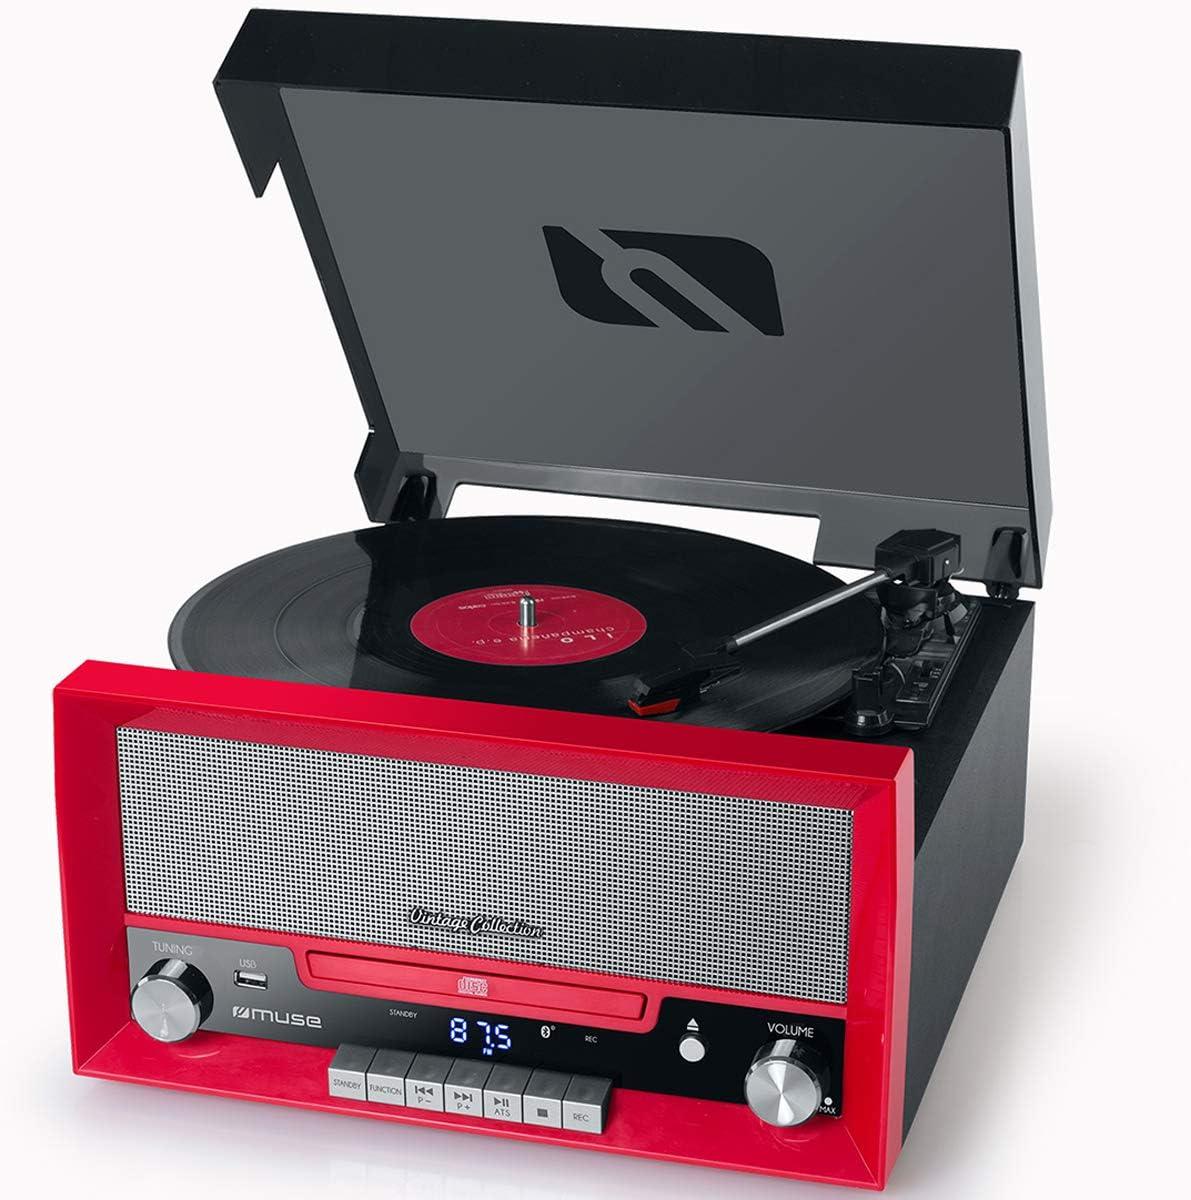 Muse Mt 110 B Retro Stereo Anlage Mit Plattenspieler Bluetooth Cd Player Und Radio Mit Usb Für Wiedergabe Und Aufnahme Rot Heimkino Tv Video